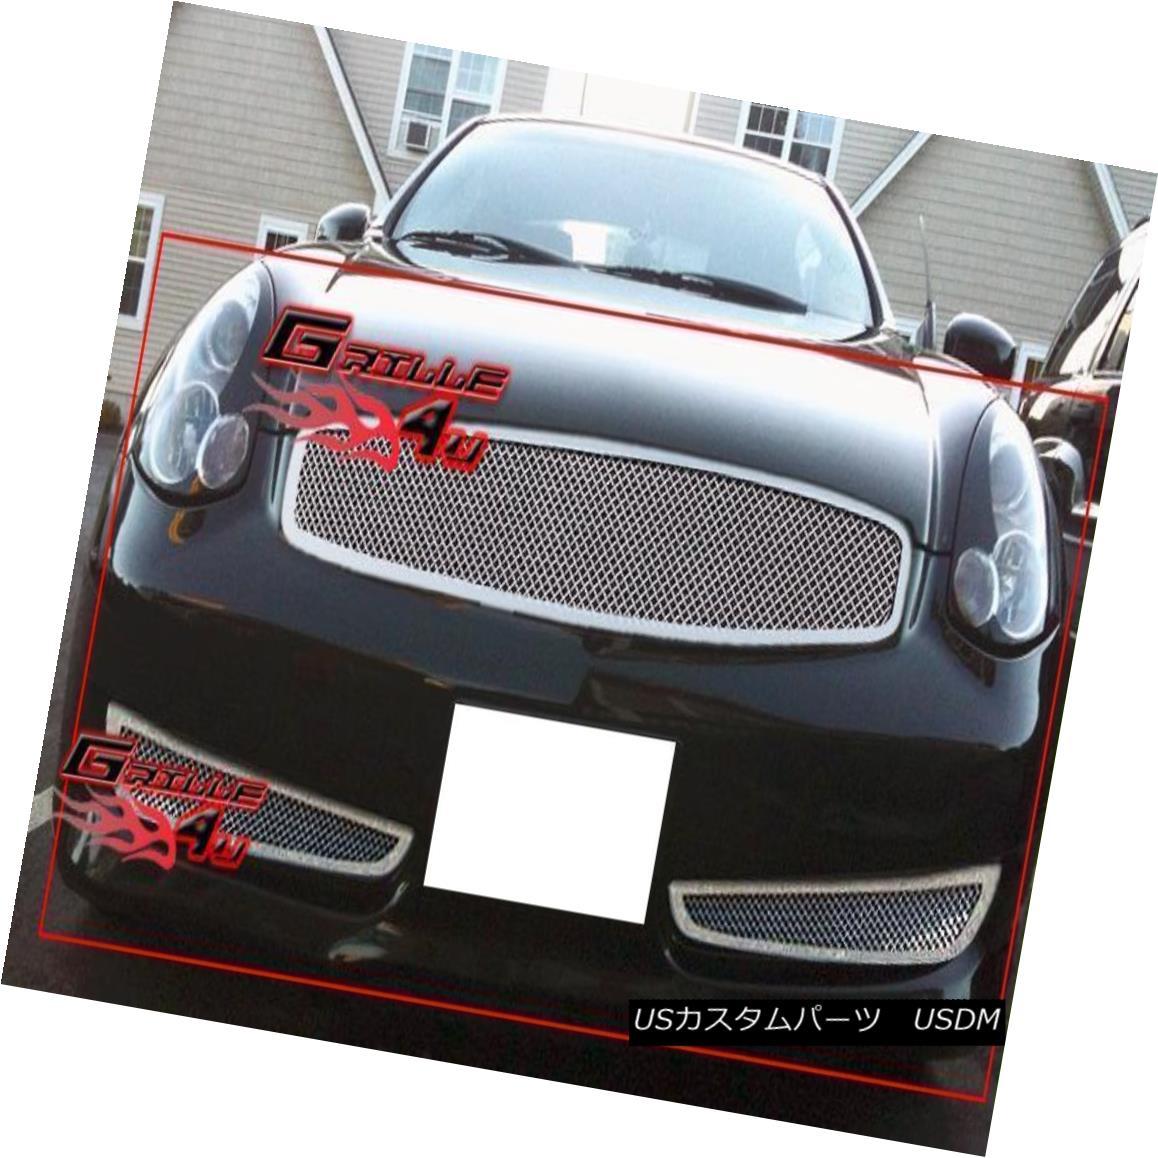 グリル Fits 2006-2007 Infiniti G35 Coupe Sport Mesh Grille Combo フィット2006-2007インフィニティG35クーペスポーツメッシュグリルコンボ